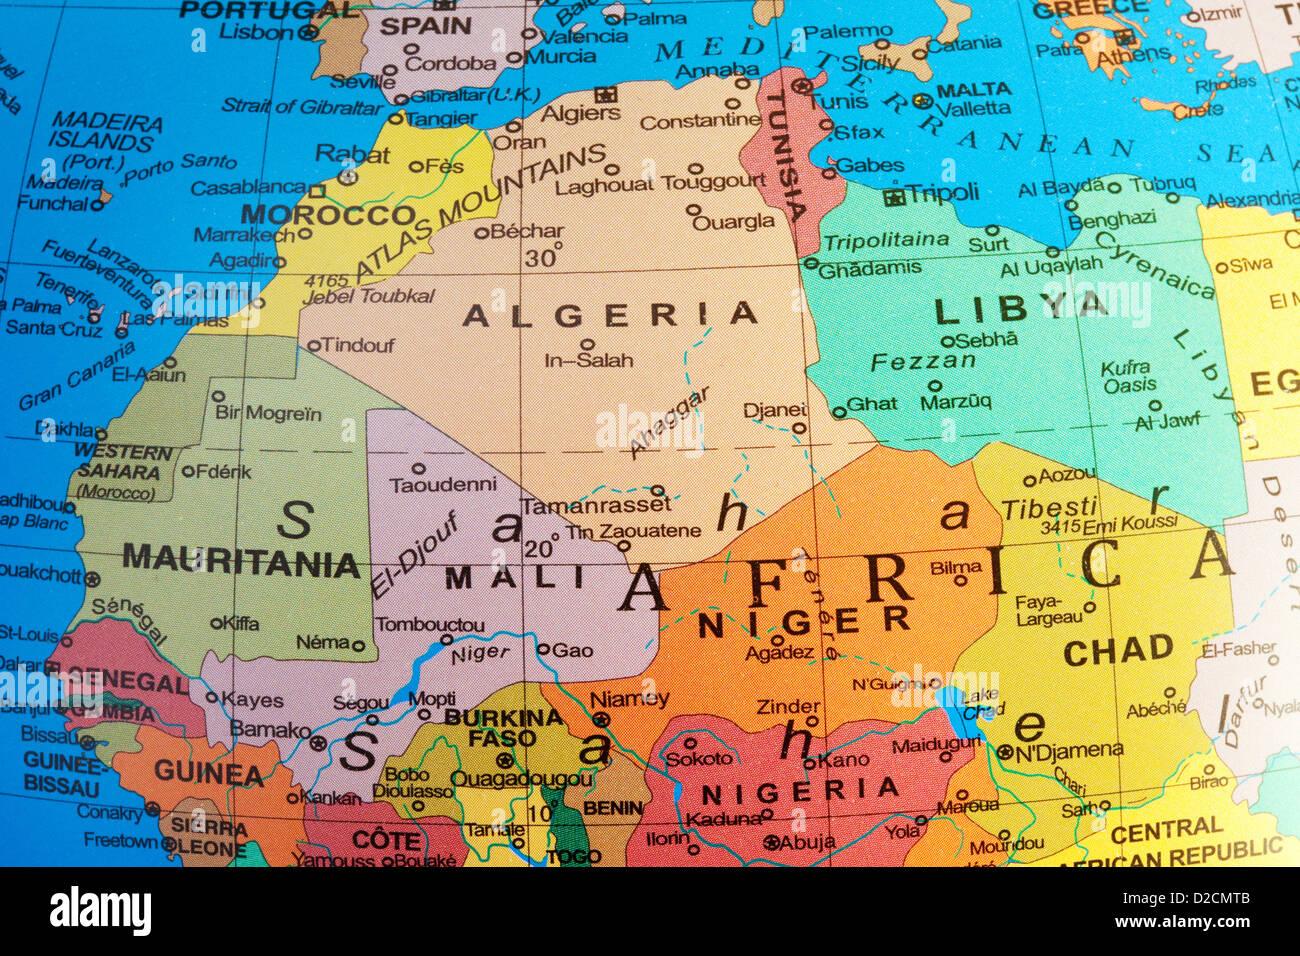 Eine Karte von Nord-Afrika Algerien und Mali Ländern auf einem Globus zeigt Stockbild